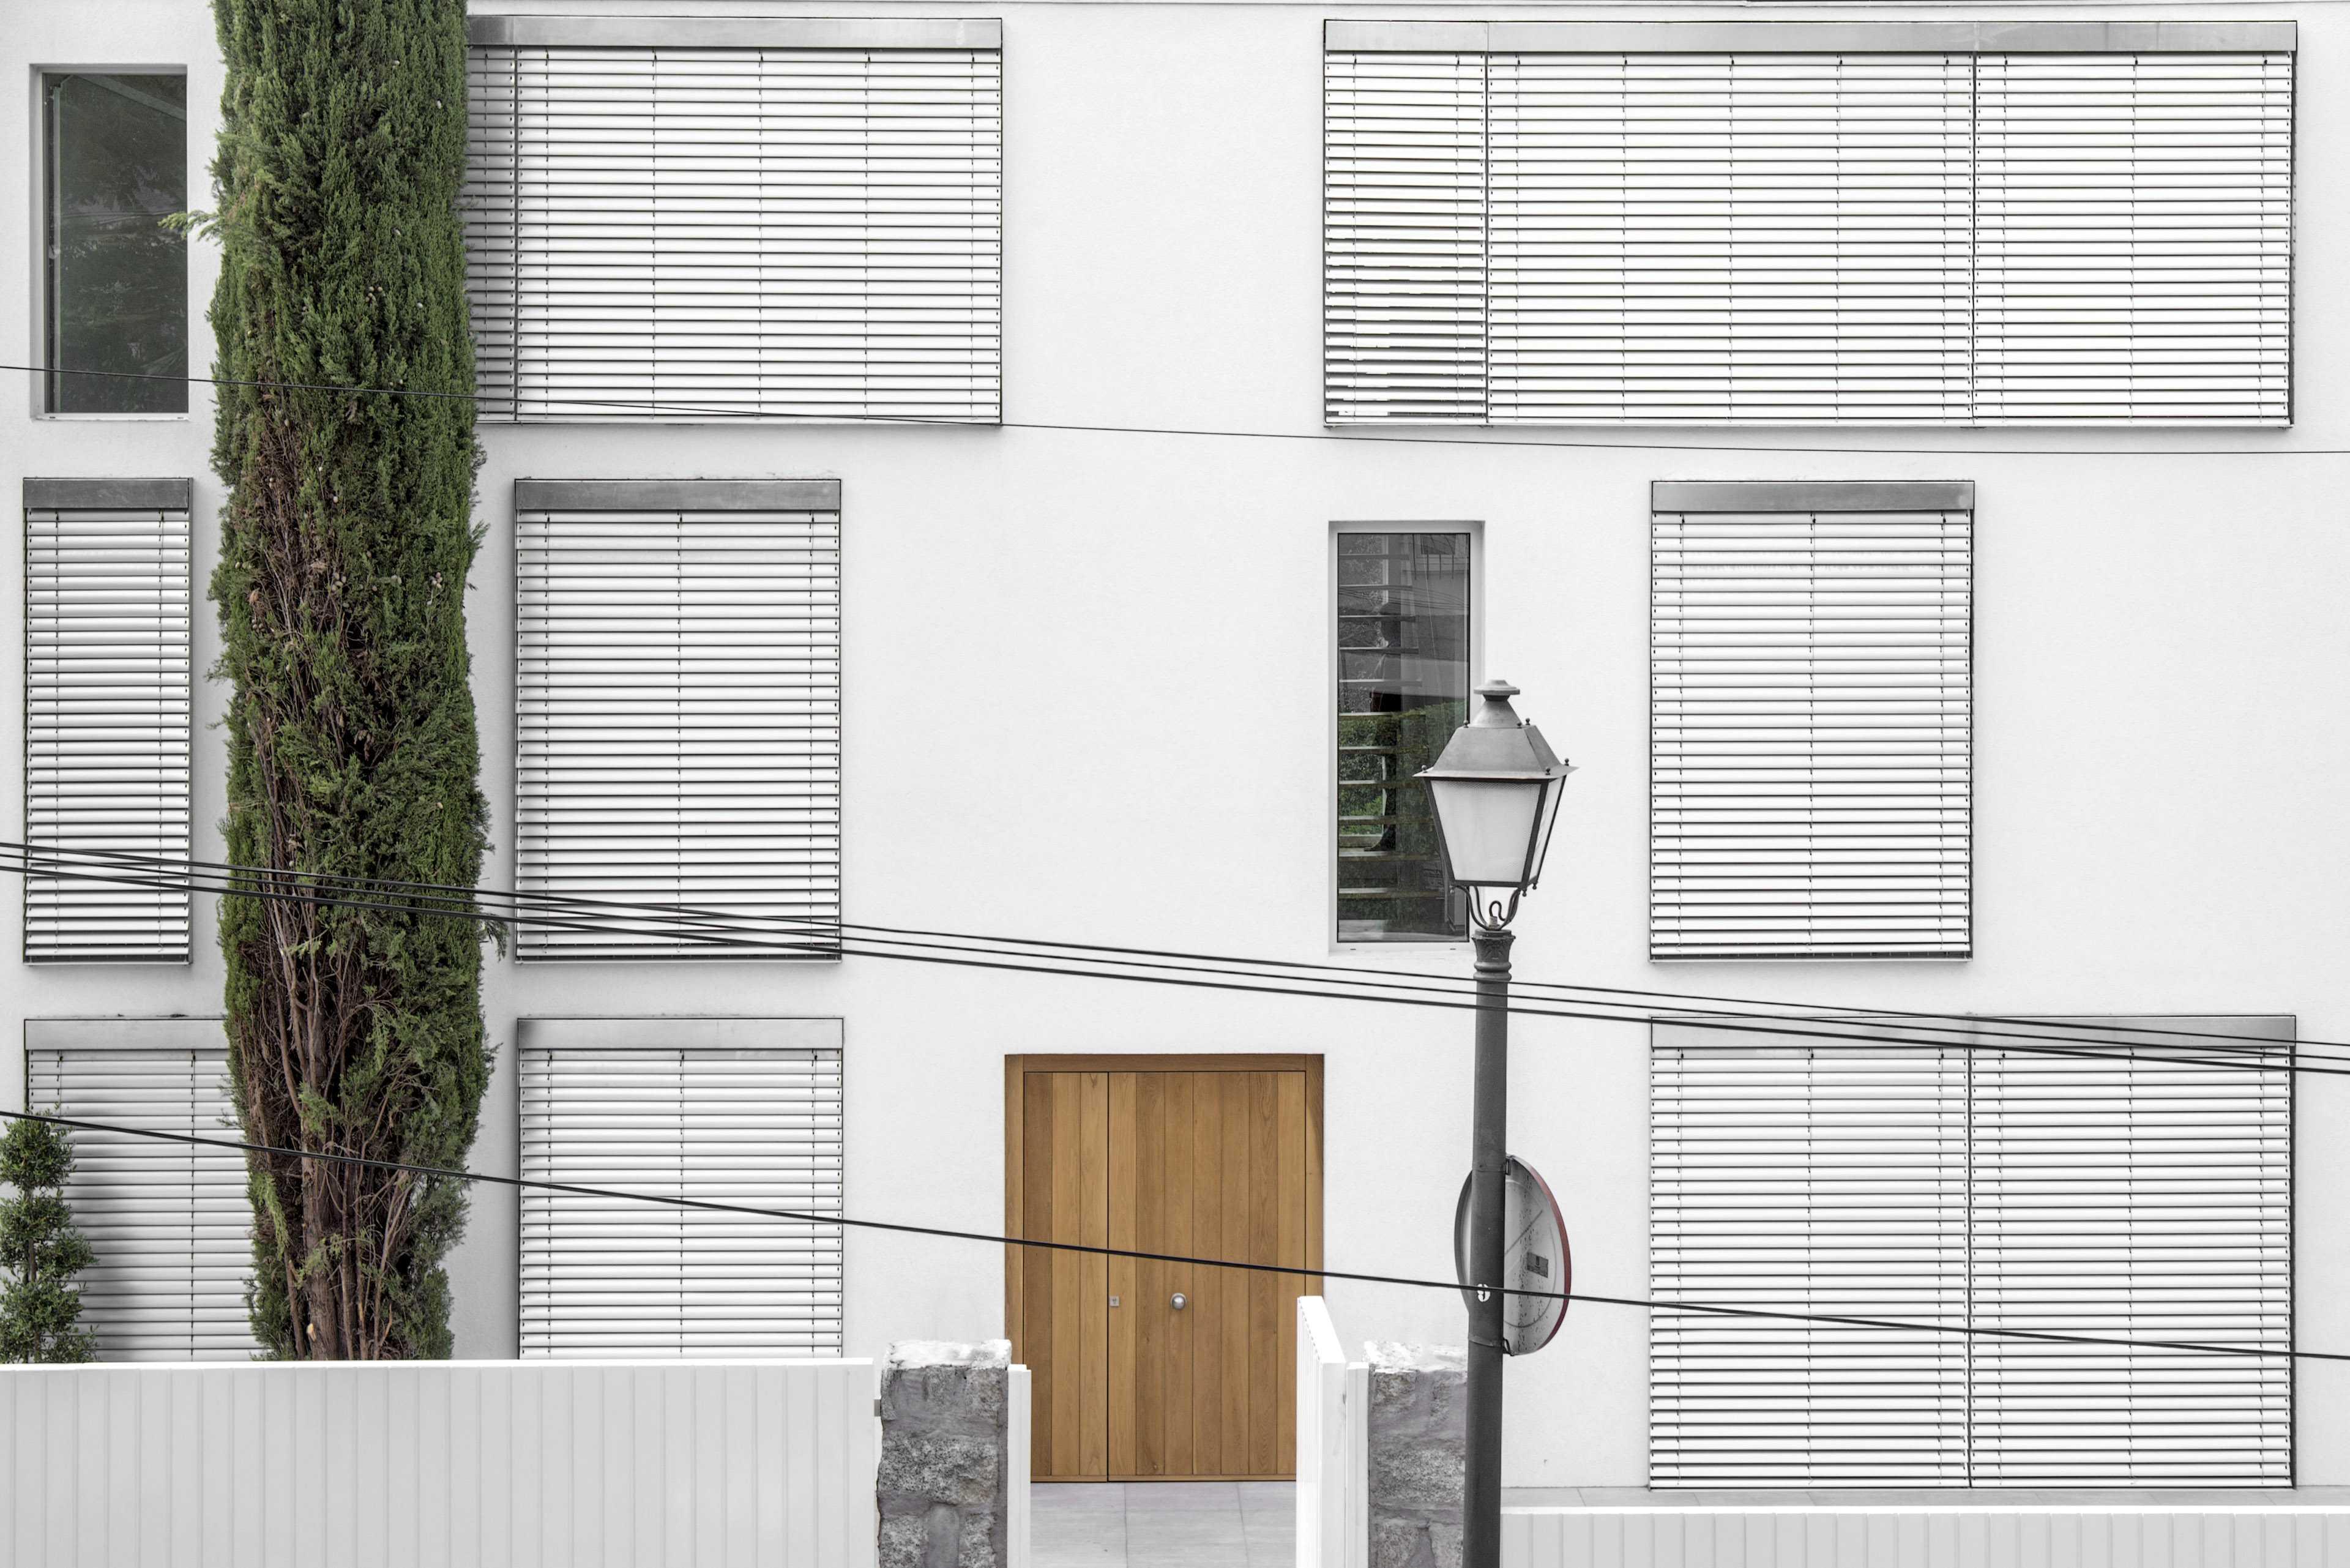 Casa Mirasierra, COAM Awards 2017  - 14 1 44